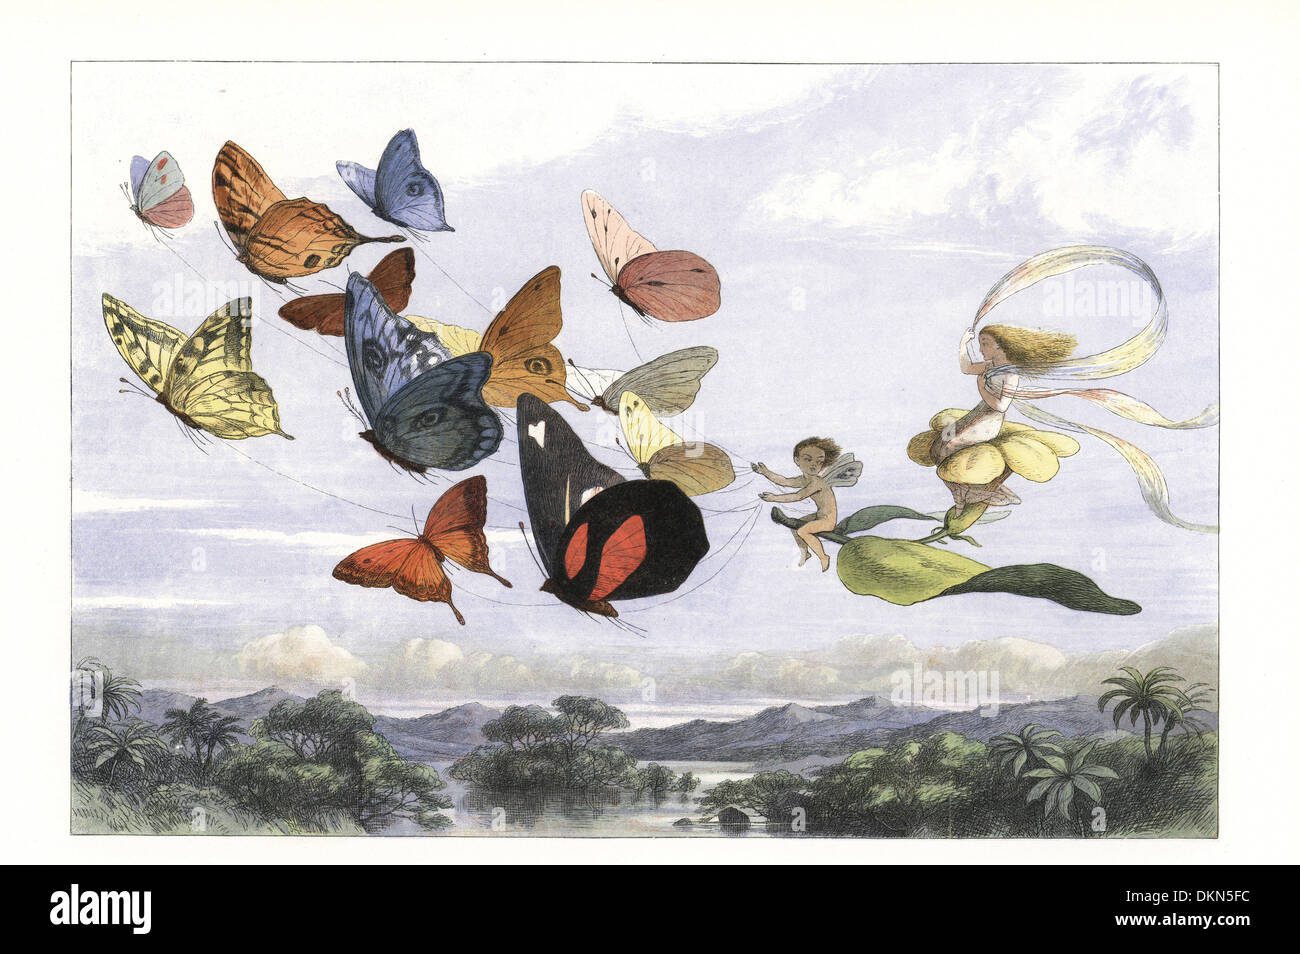 La reine des fées prend un lecteur dans un chariot tiré par des papillons. Photo Stock